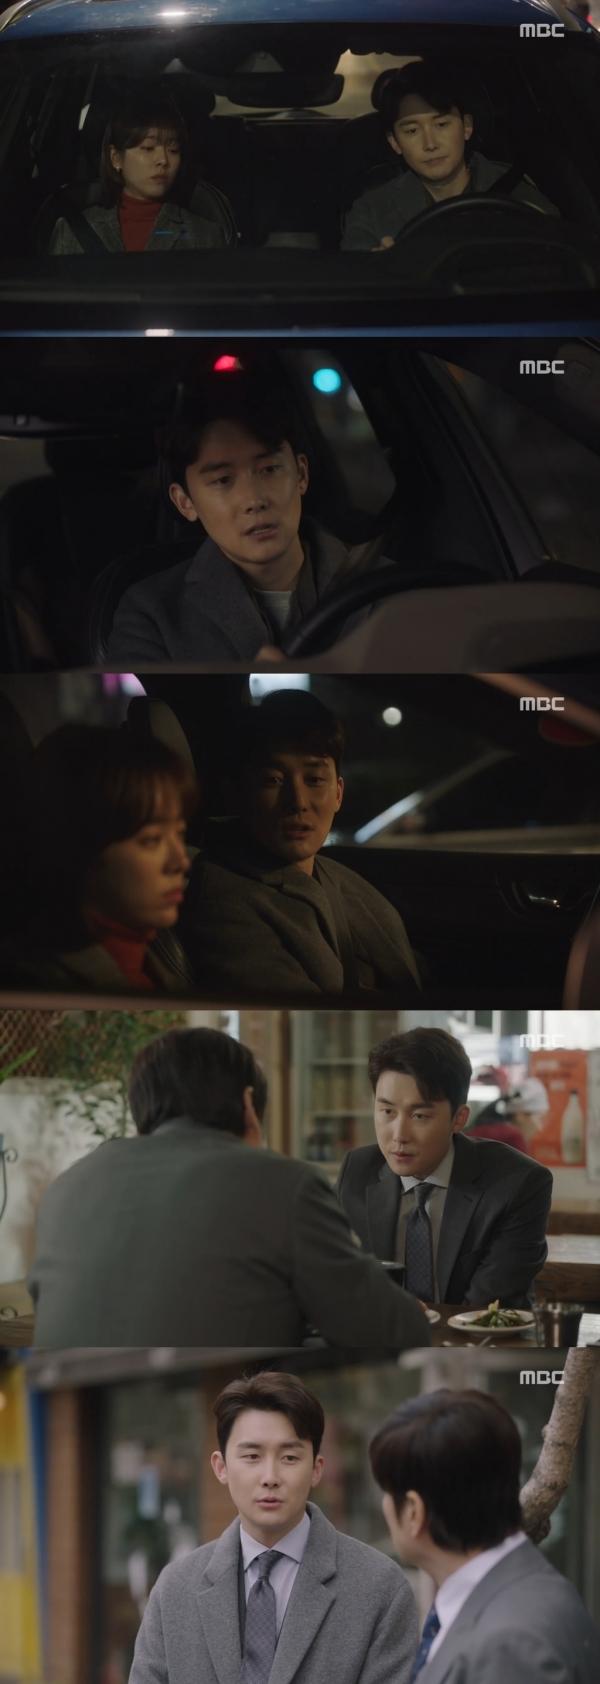 사진제공 : MBC 수목드라마 '봄밤' 캡처